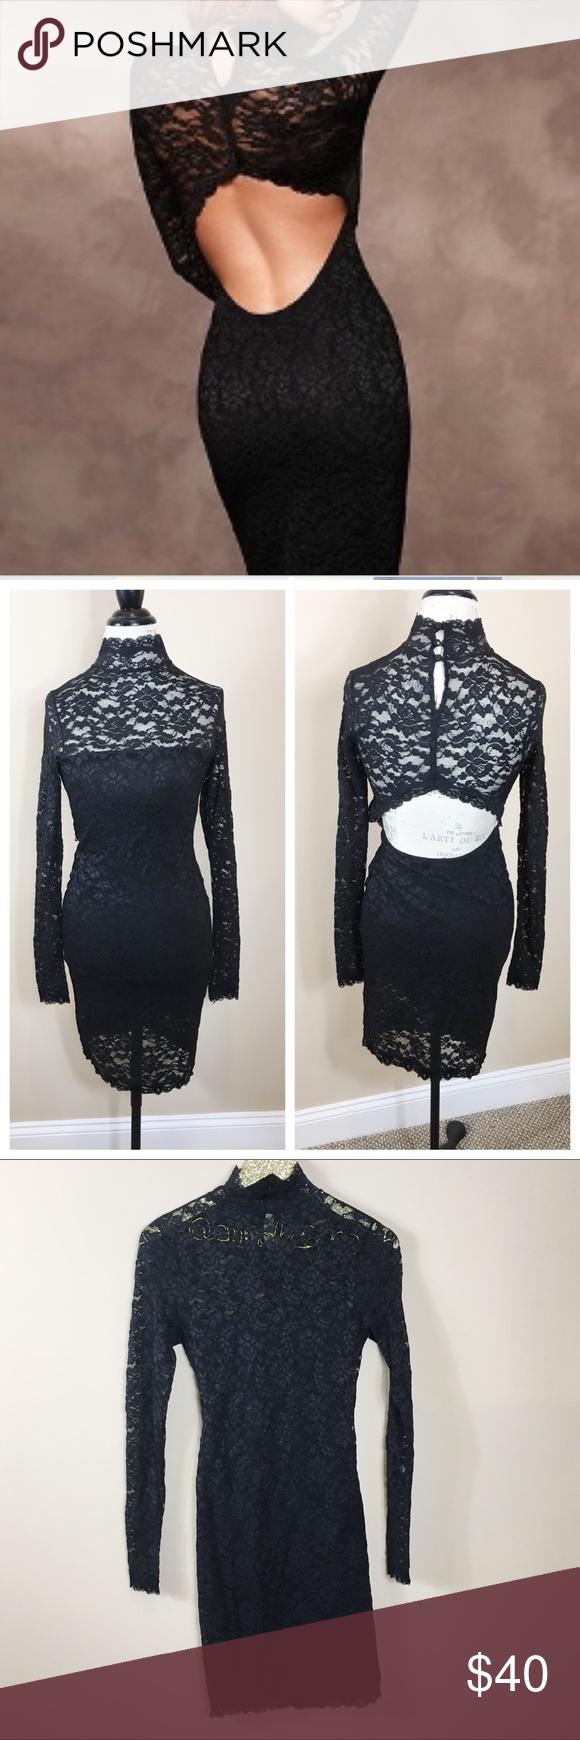 Victoria S Secret Black Lace Open Back Dress Clothes Design Open Back Dresses Black Lace [ 1740 x 580 Pixel ]